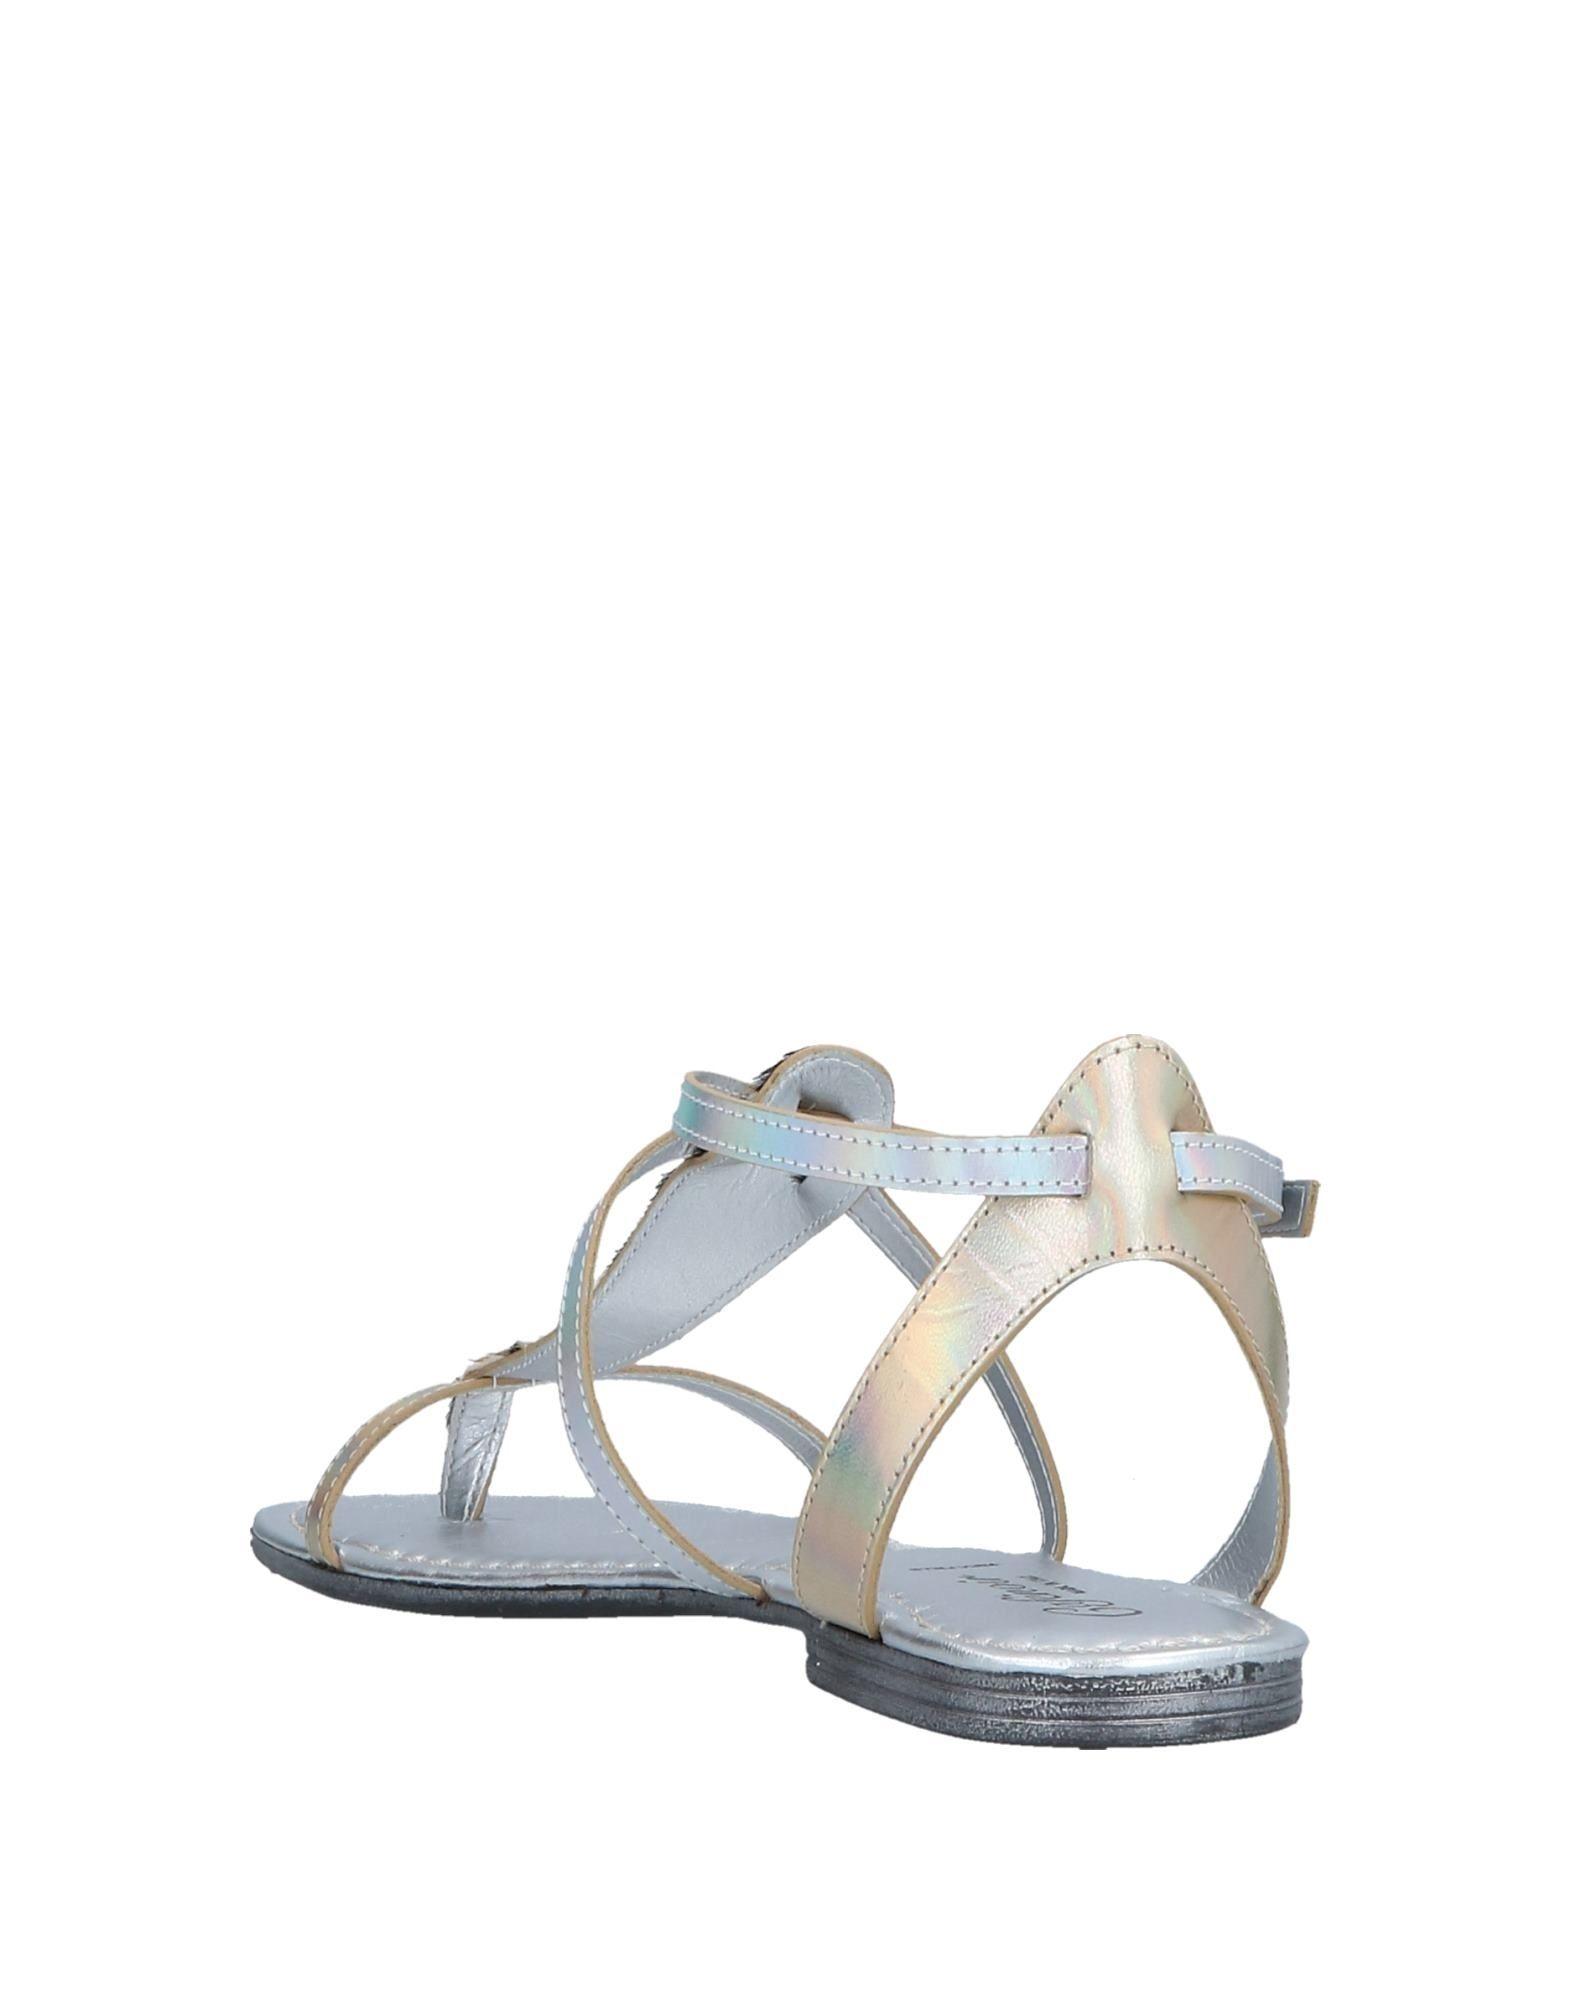 Cafènoir 11522413FO Dianetten Damen  11522413FO Cafènoir Gute Qualität beliebte Schuhe 9e9841